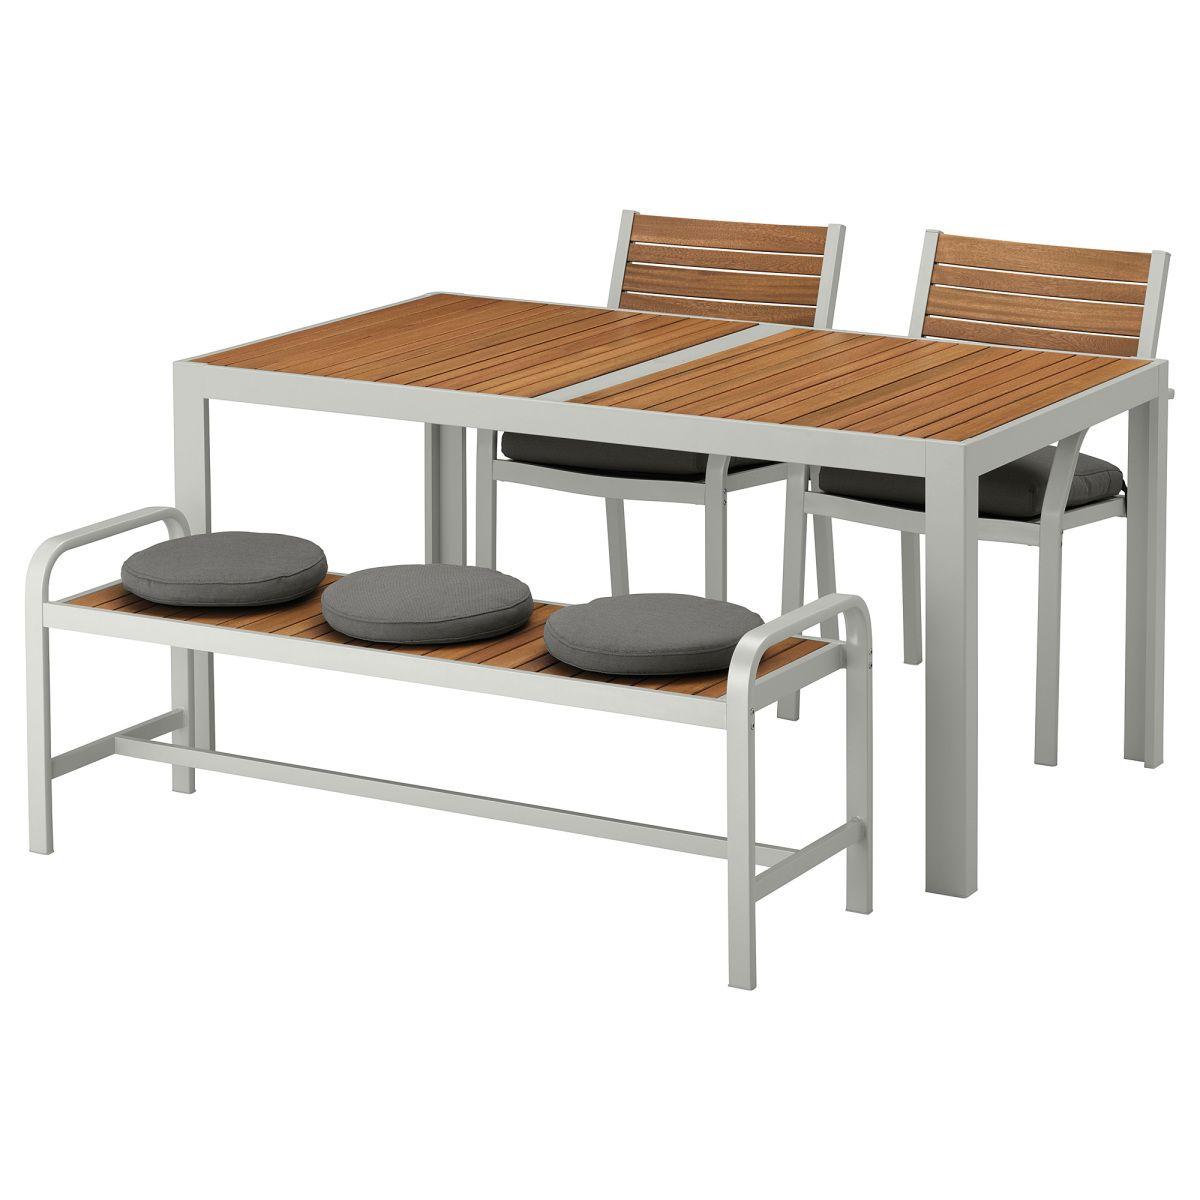 SJÄLLAND, Tisch+2 Stühle+Bank/außen, hellbraun, dunkelgrau Jetzt ...